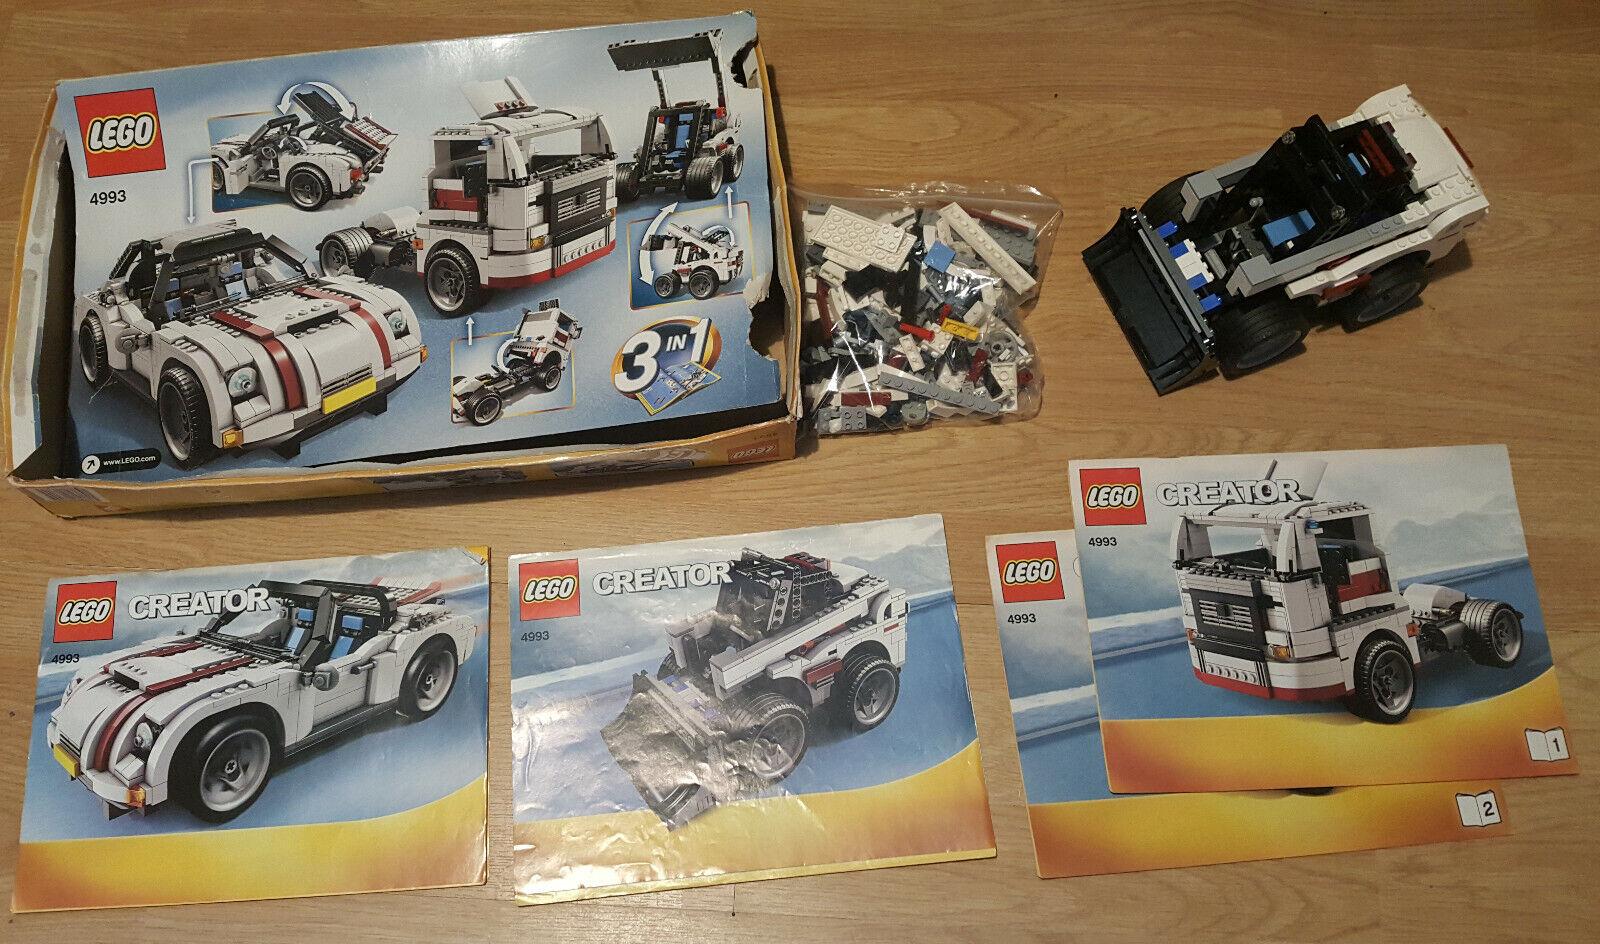 LEGO creator 4993  voiture, camion et tractopelle 3 en 1 100% complet, Instructions & Boîte  Dans votre attente